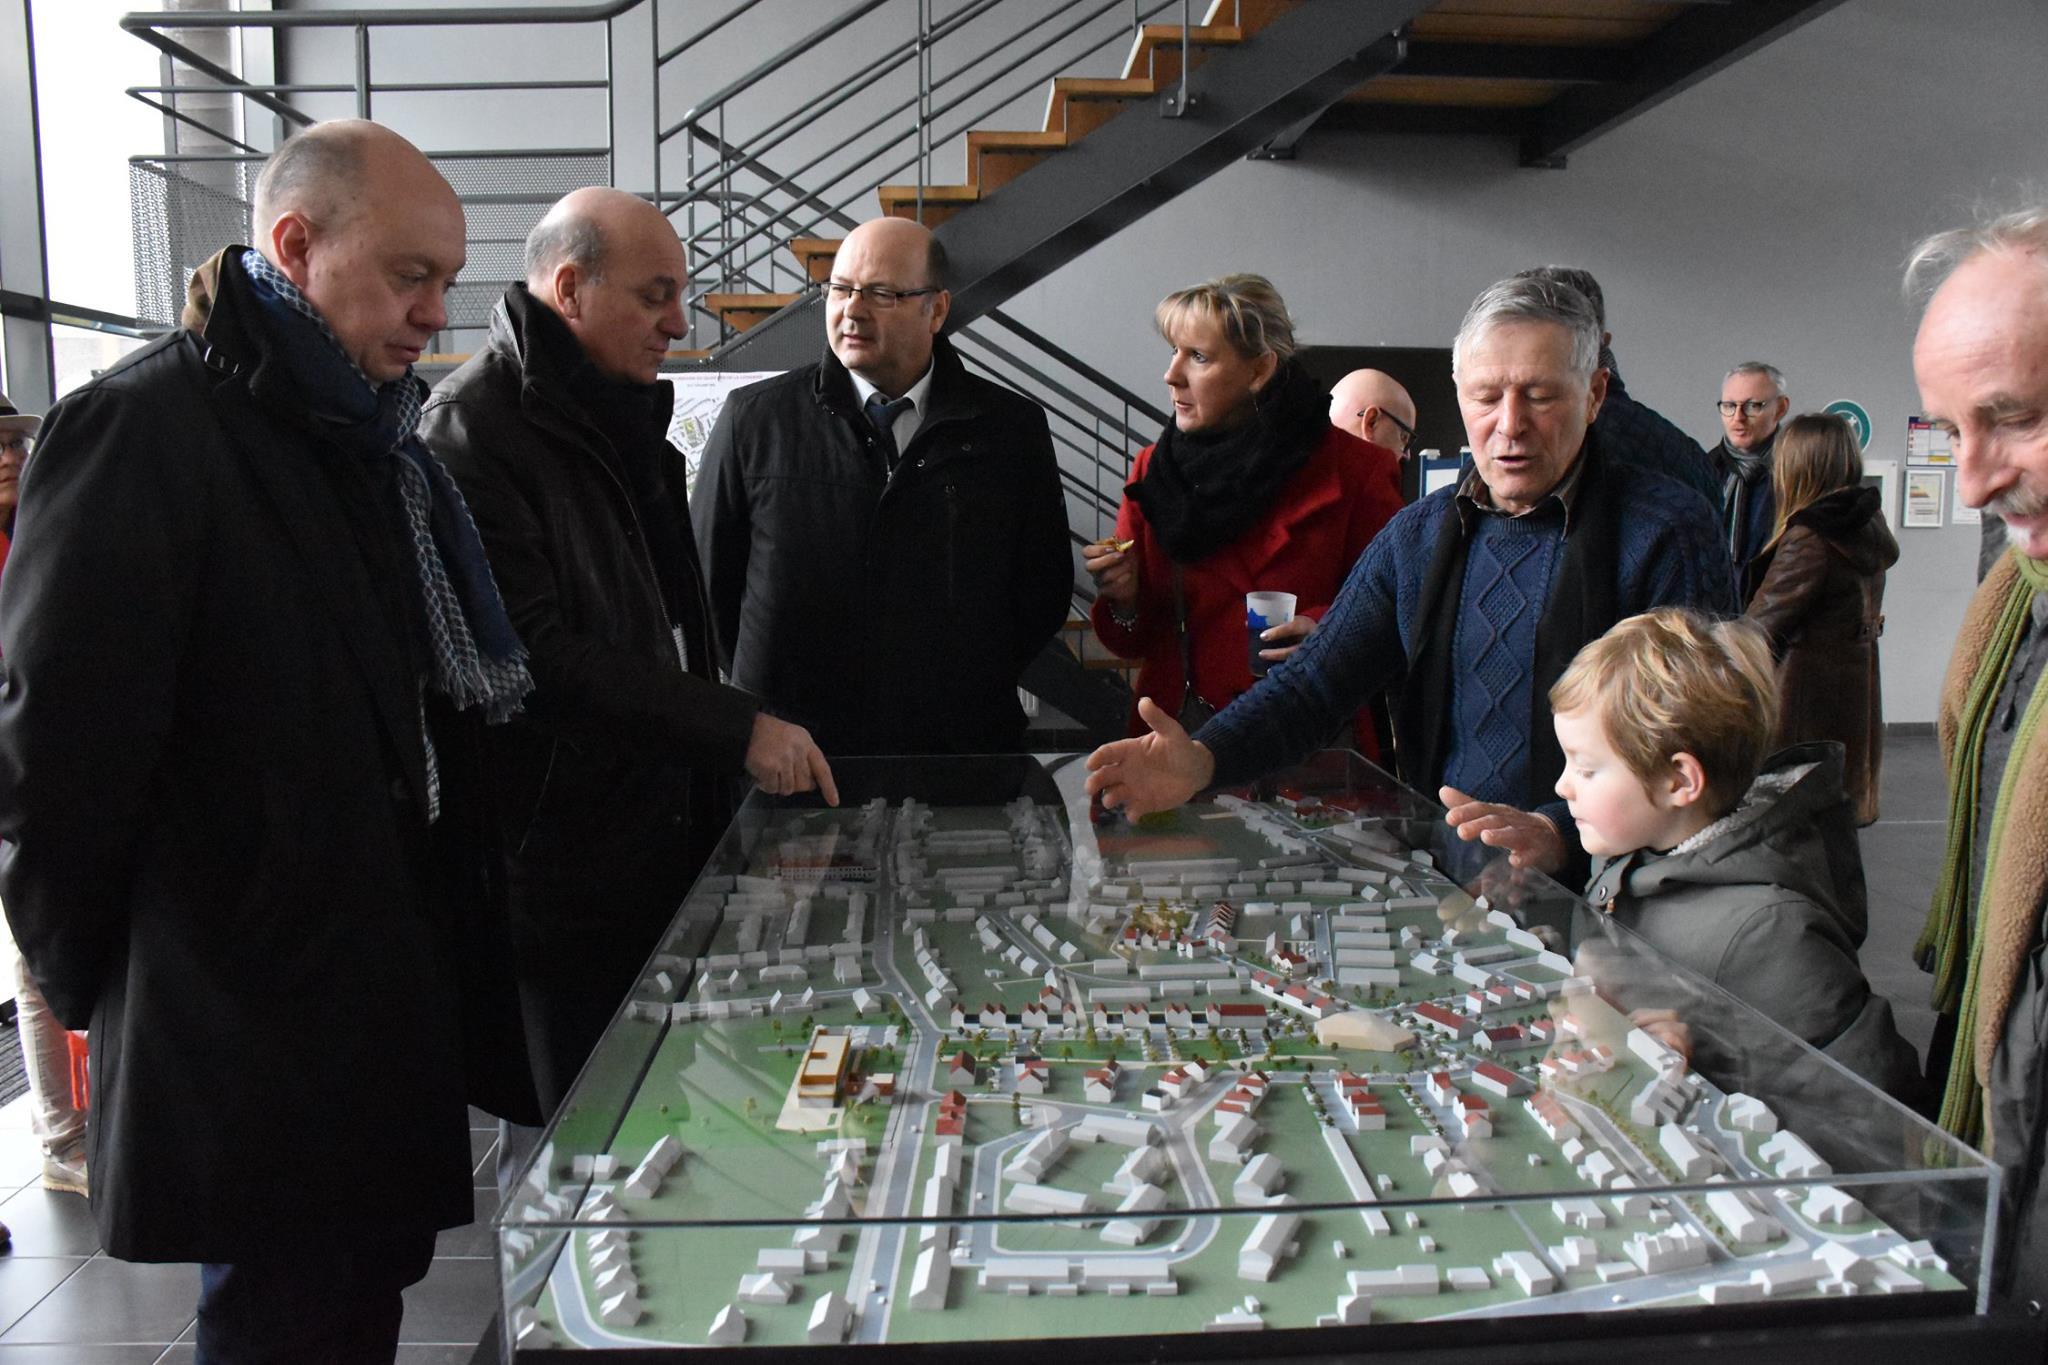 Présentation de la maquette du projet de rénovation du quartier Lionderie/ Trois Baudets aux habitants de Hem.